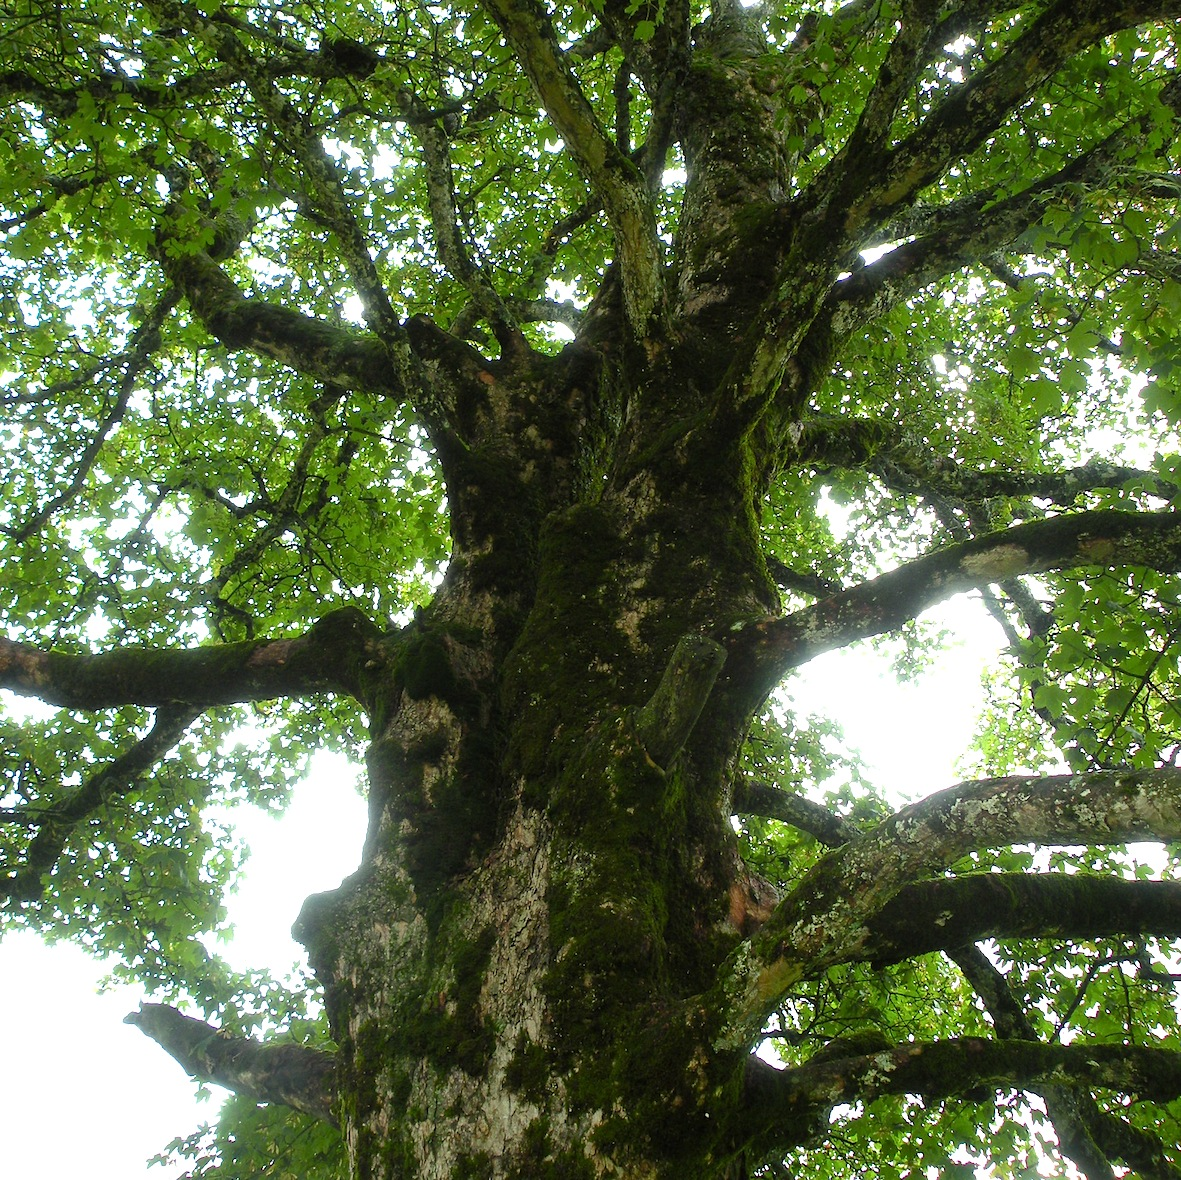 Pflanzen und Bäume